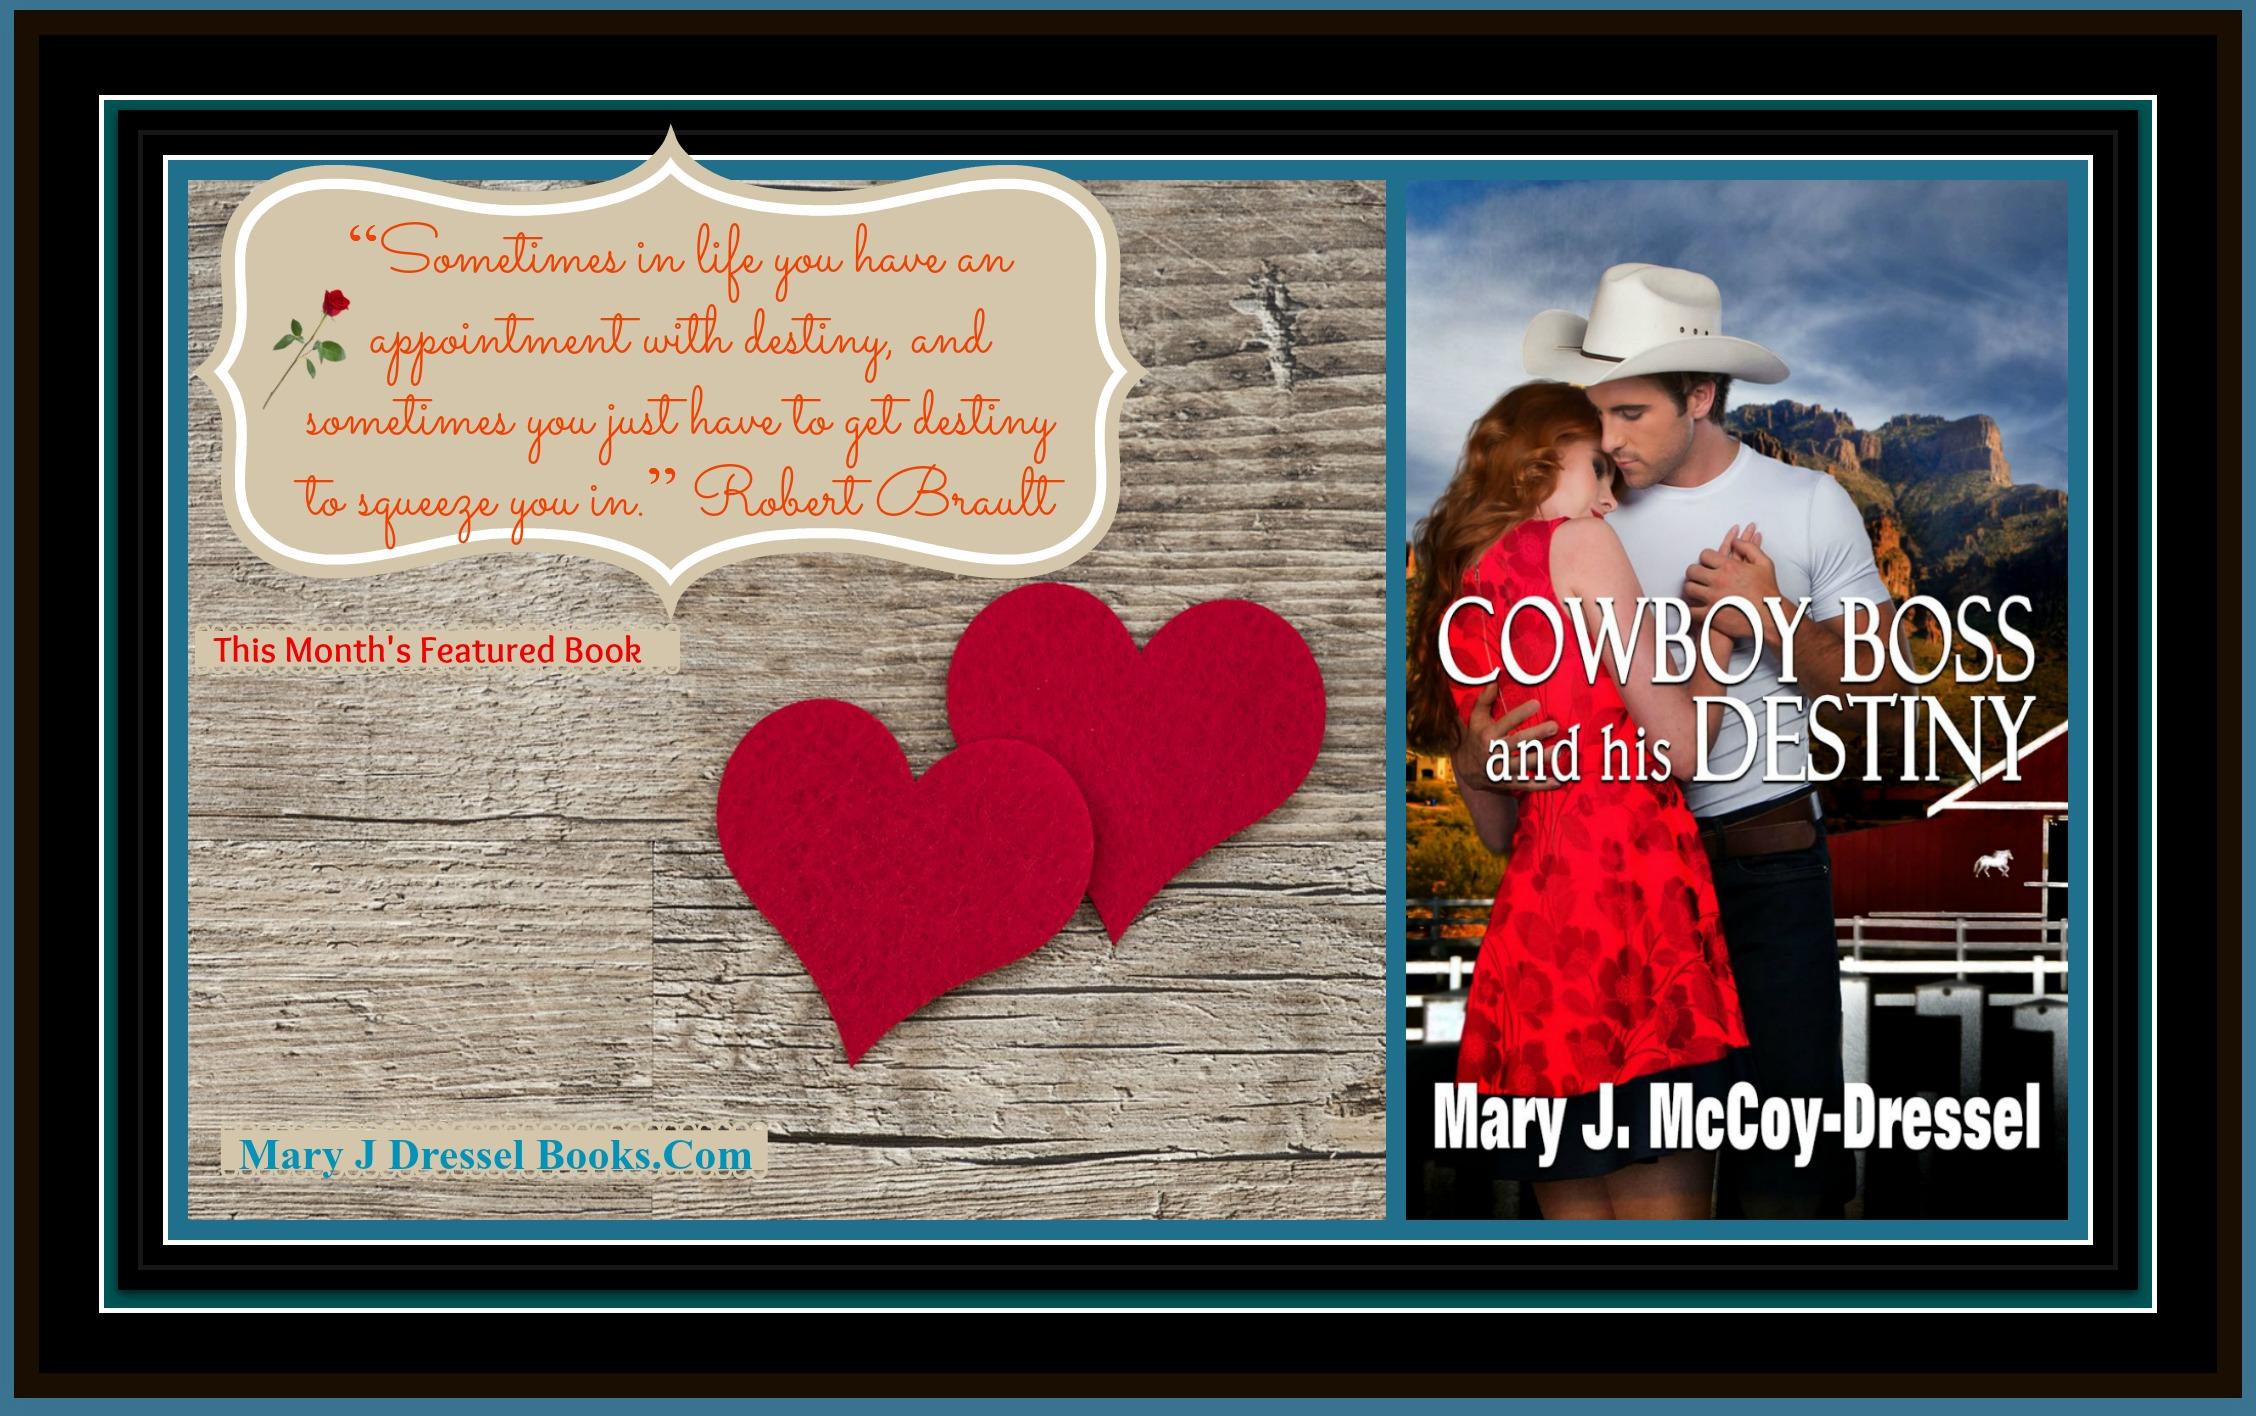 Mary J. McCoy-Dressel Books